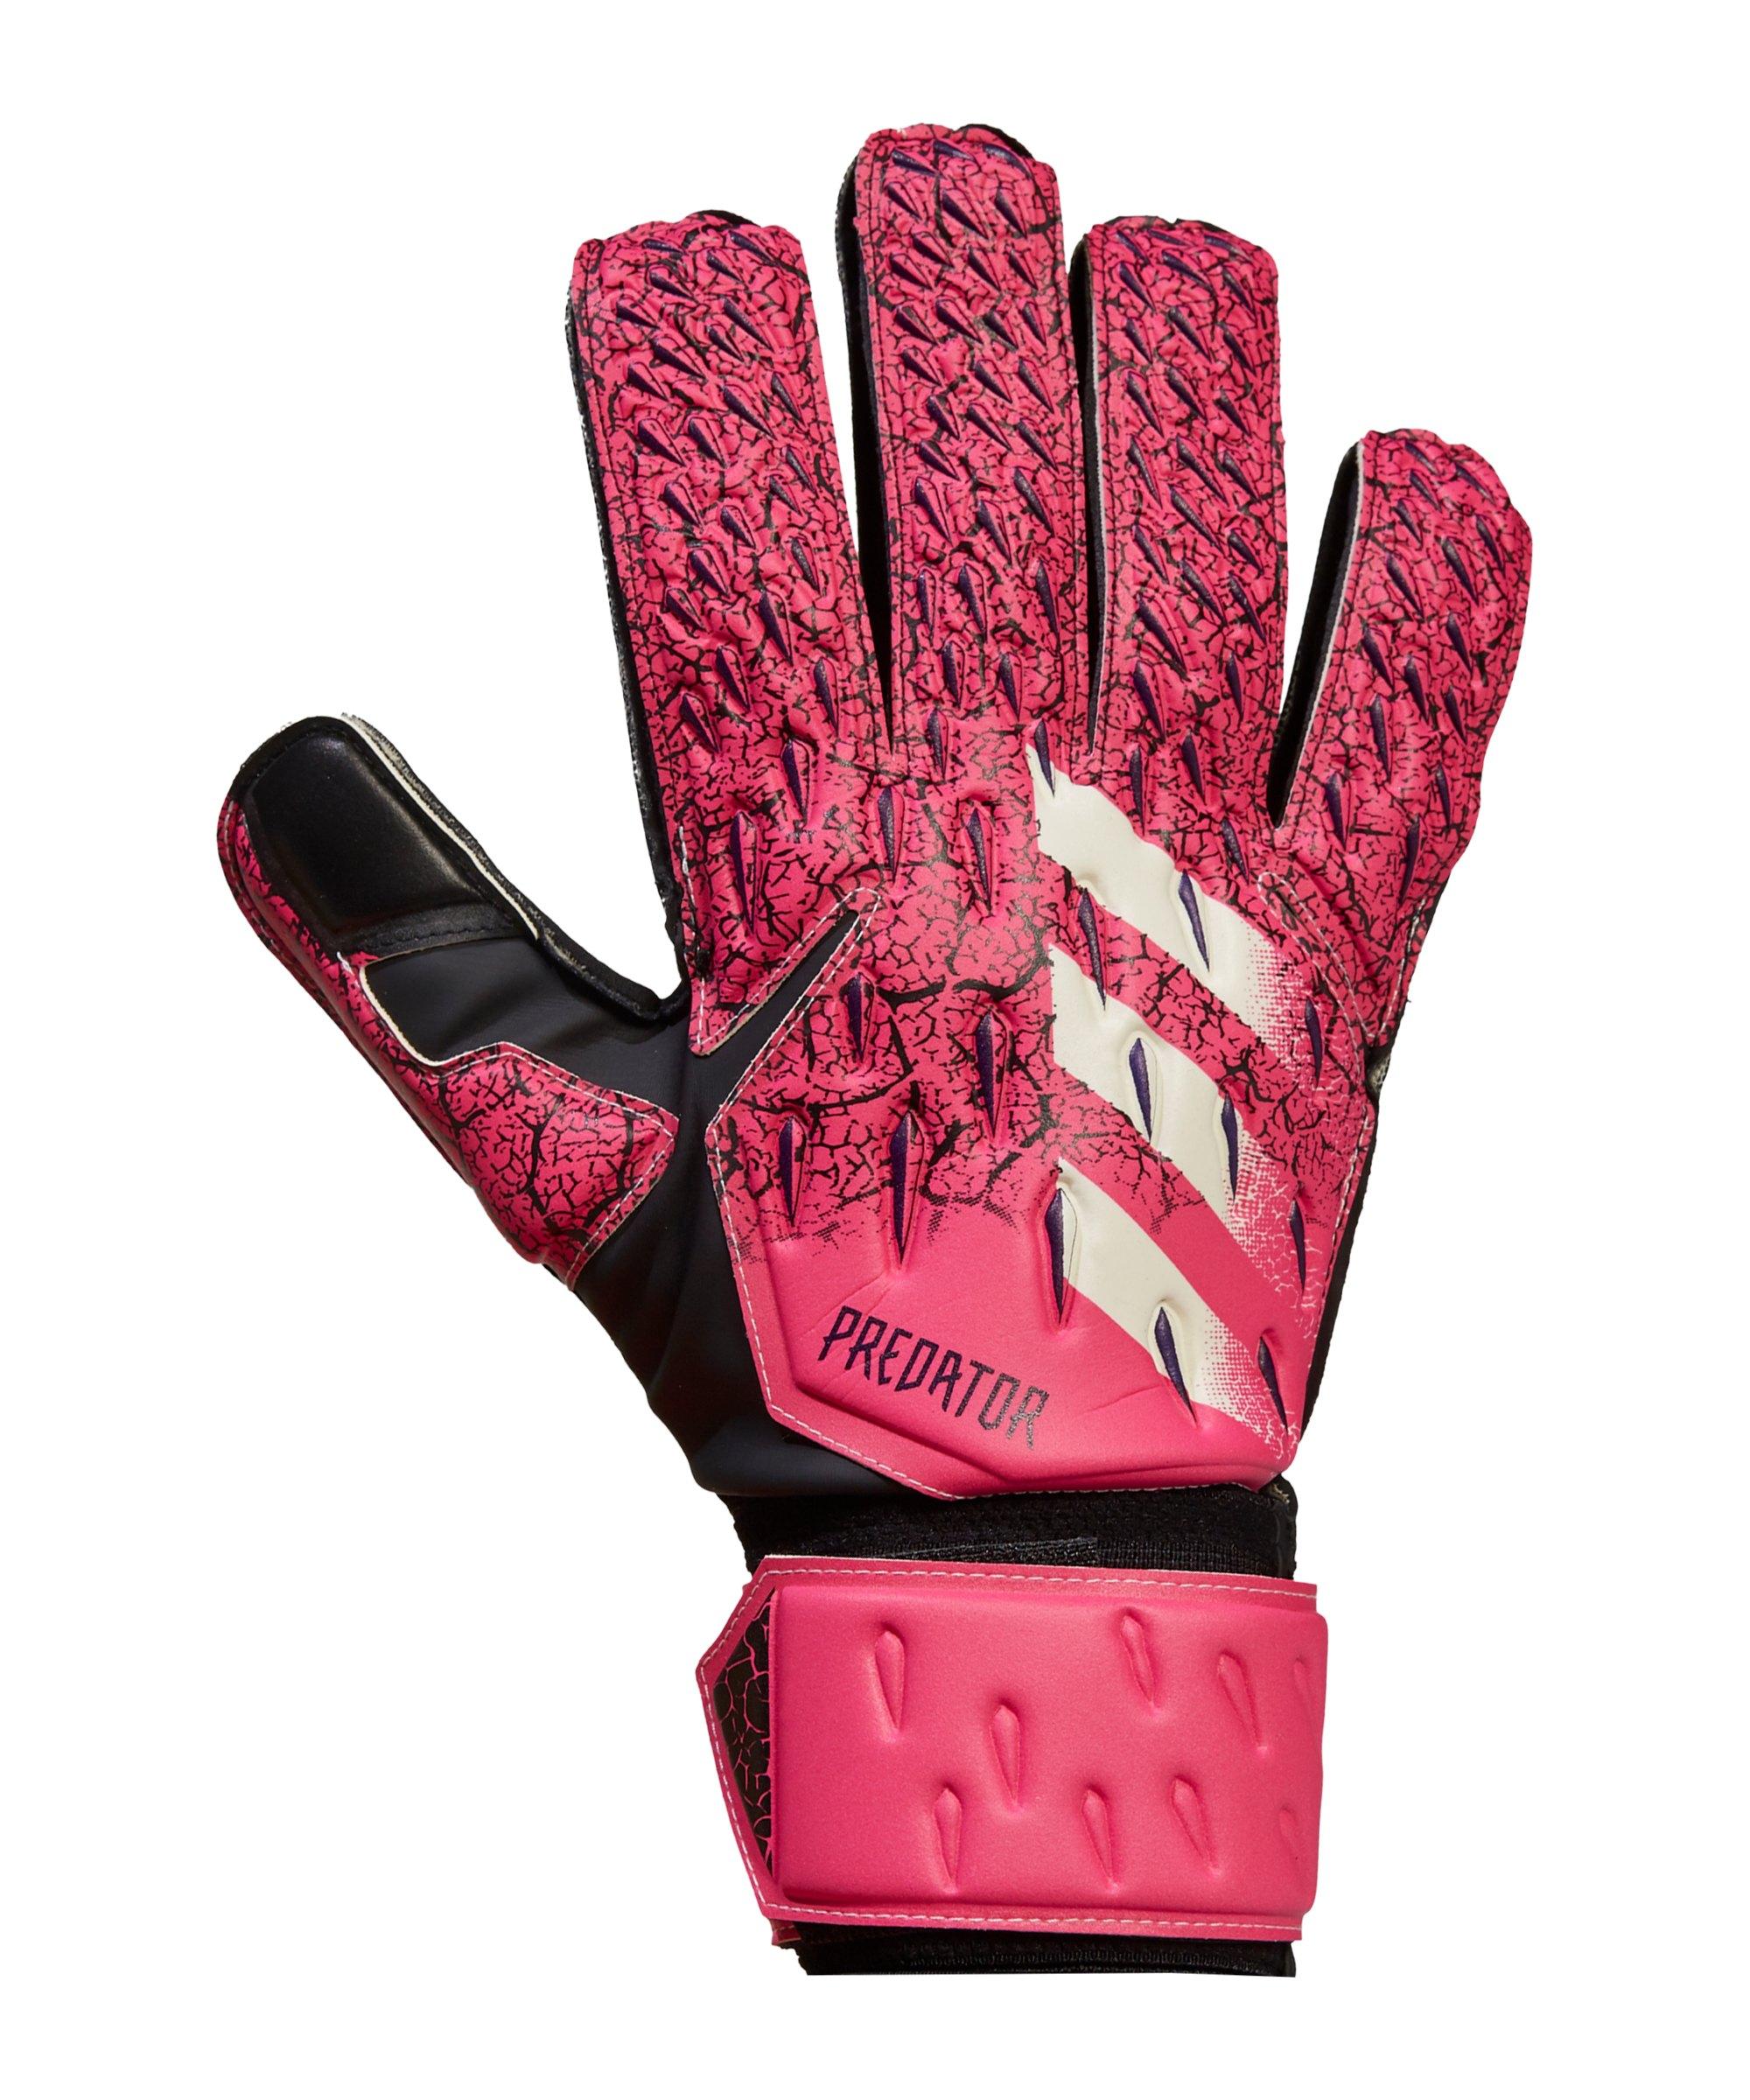 adidas Predator Match Torwarthandschuhe Pink Lila - pink